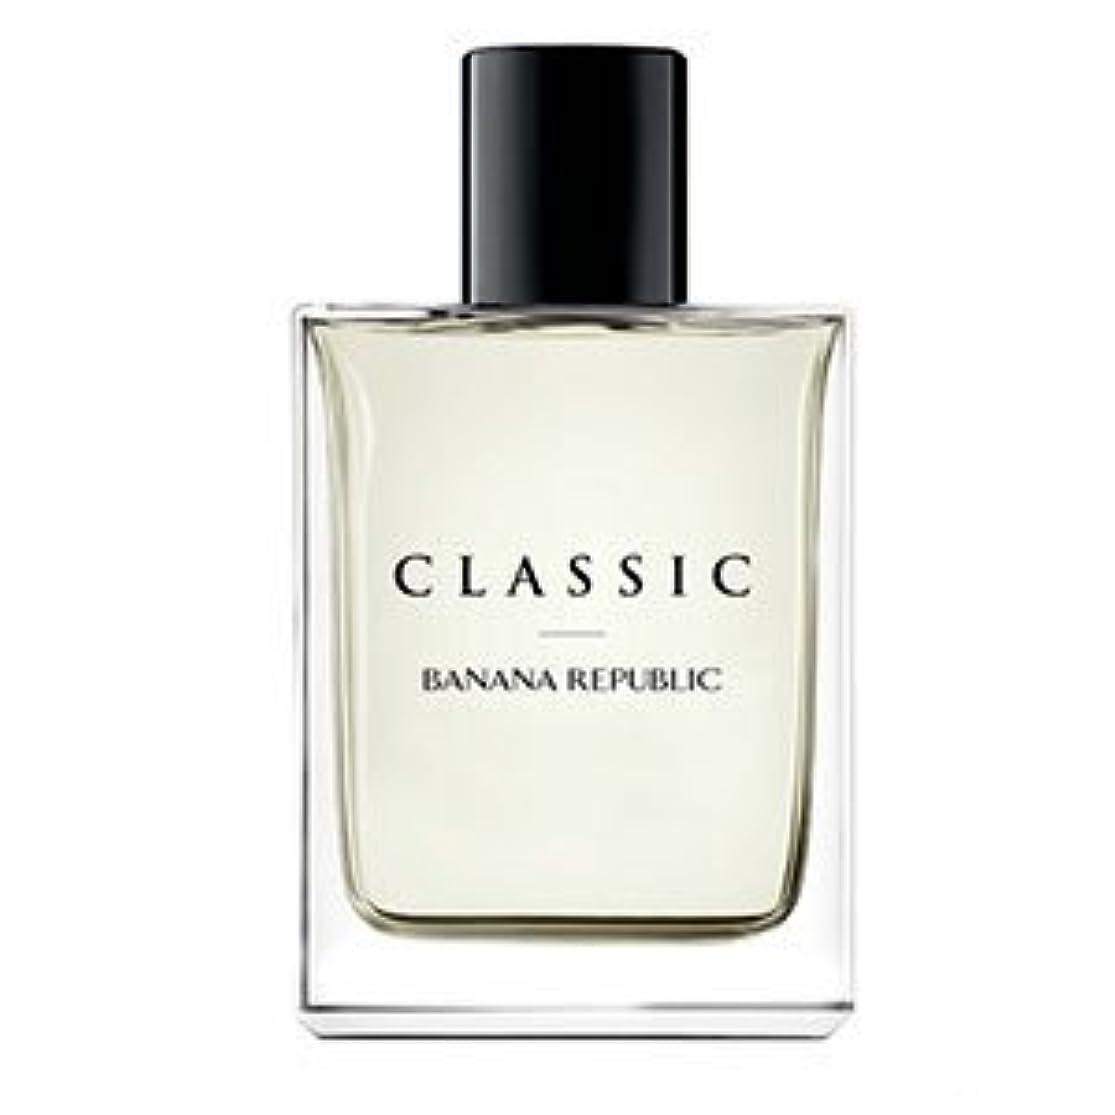 車男欲しいですバナナリパブリック (BANANAR EP UBLIC) 香水 クラッシック EDT SP 125ml 【並行輸入品】